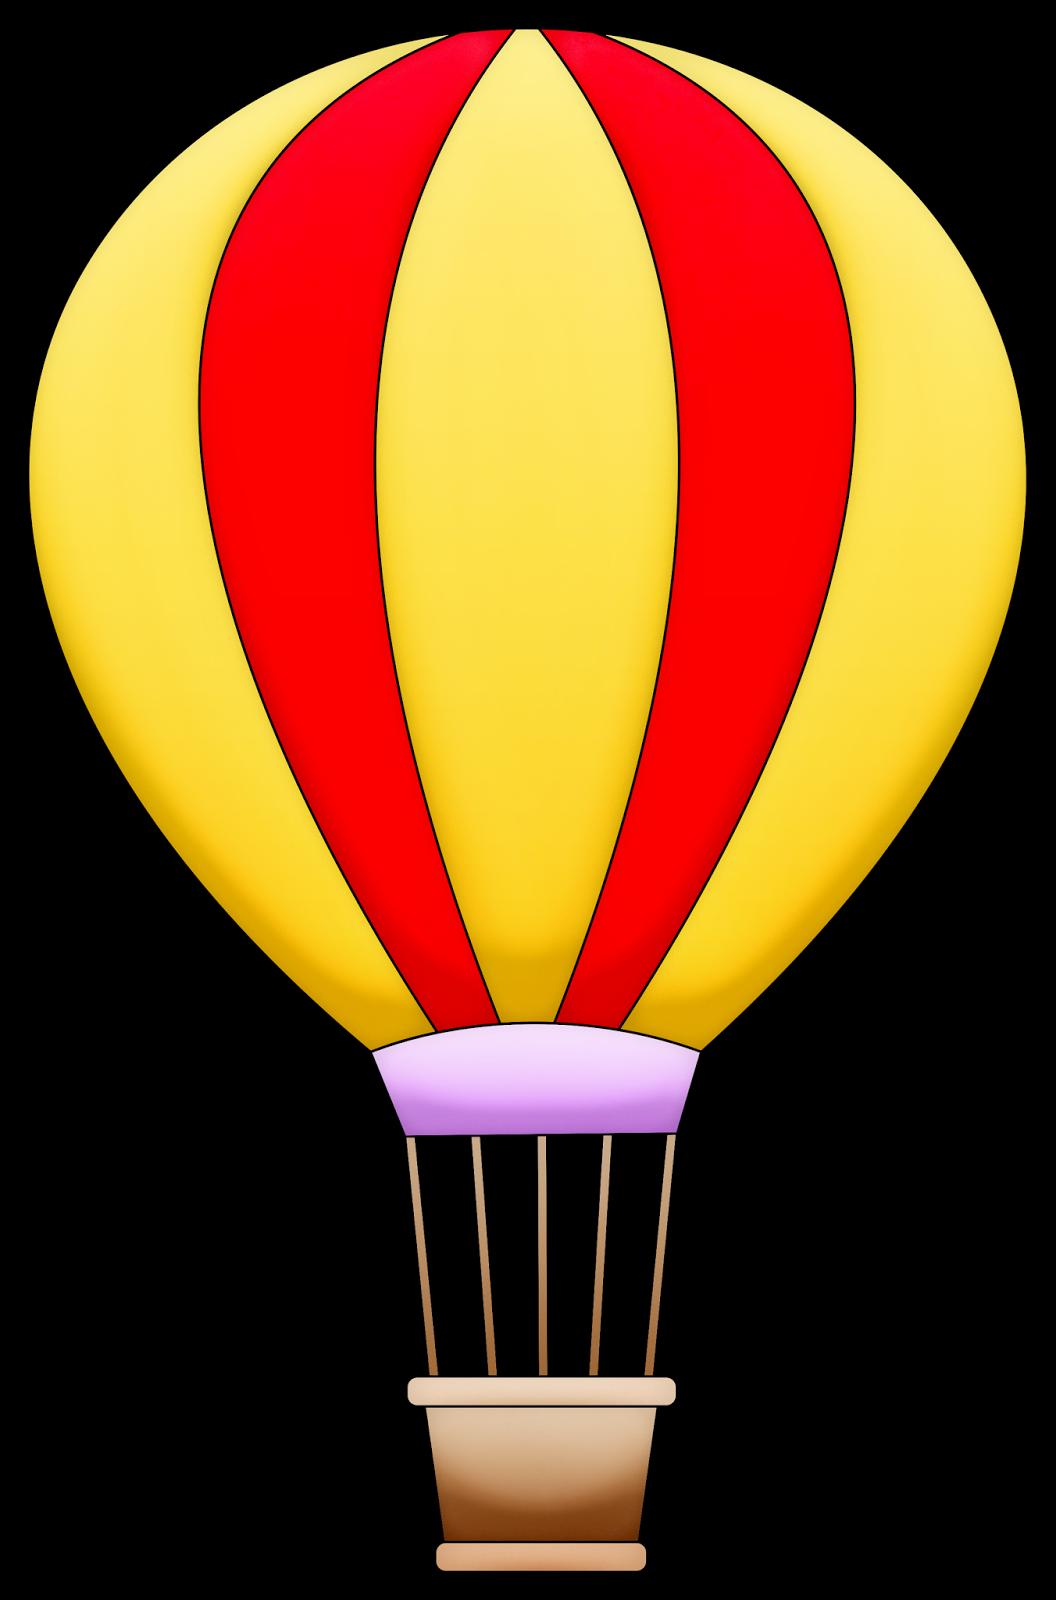 Clip art globos aerostaticos buscar con google globos - Globos aerostaticos infantiles ...